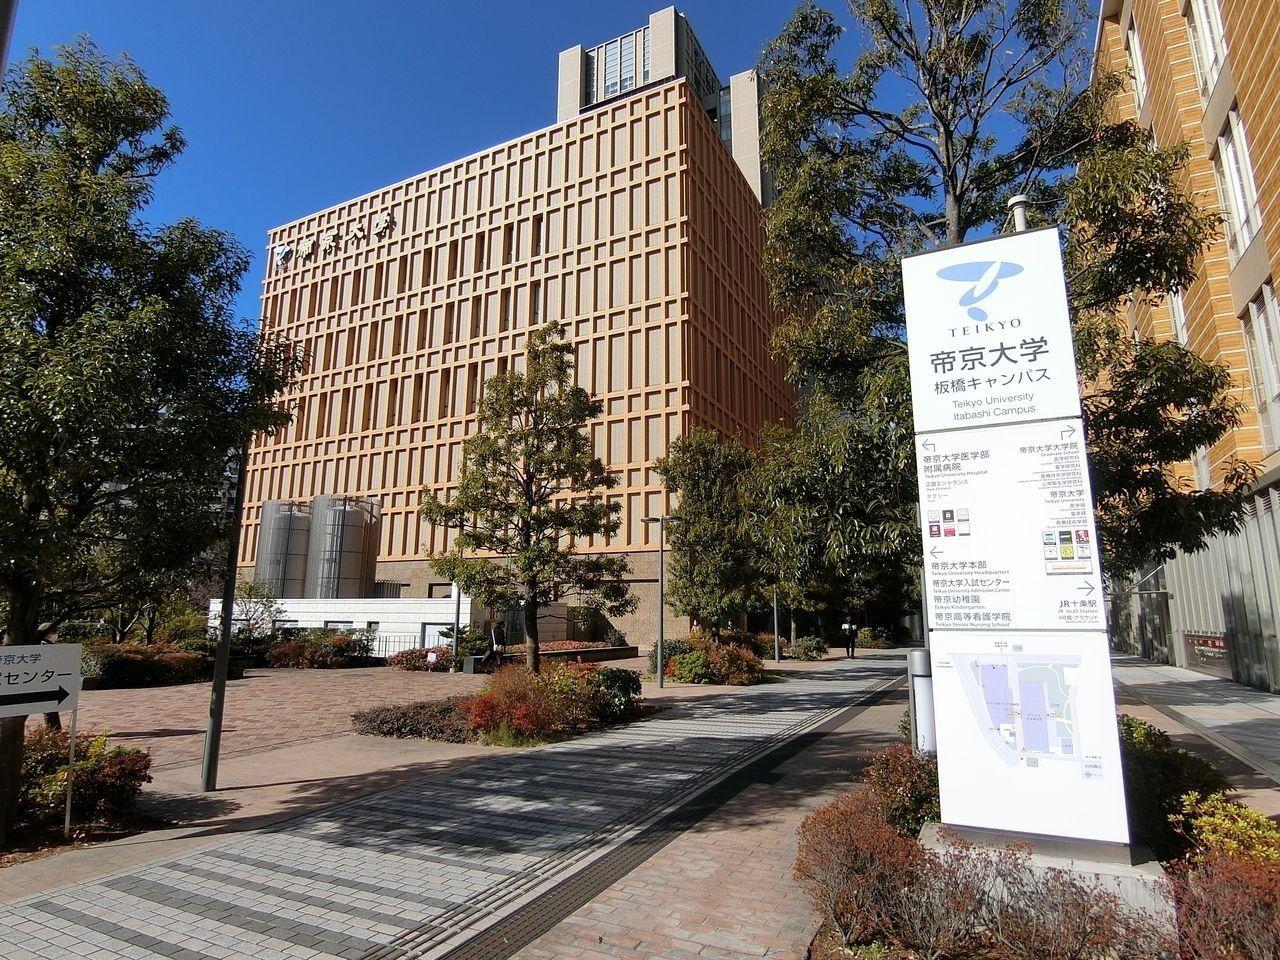 帝京大学板橋キャンパス・帝京大学医学部付属病院